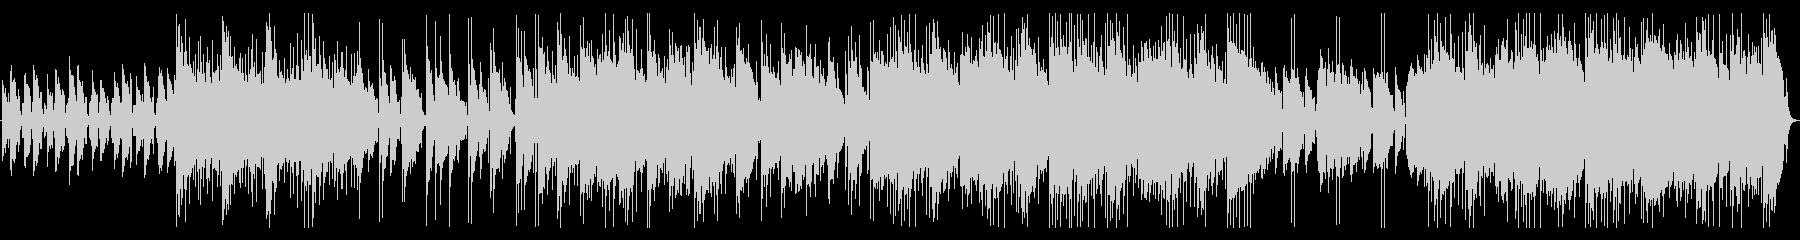 午後のティータイムに似合うポップスの未再生の波形